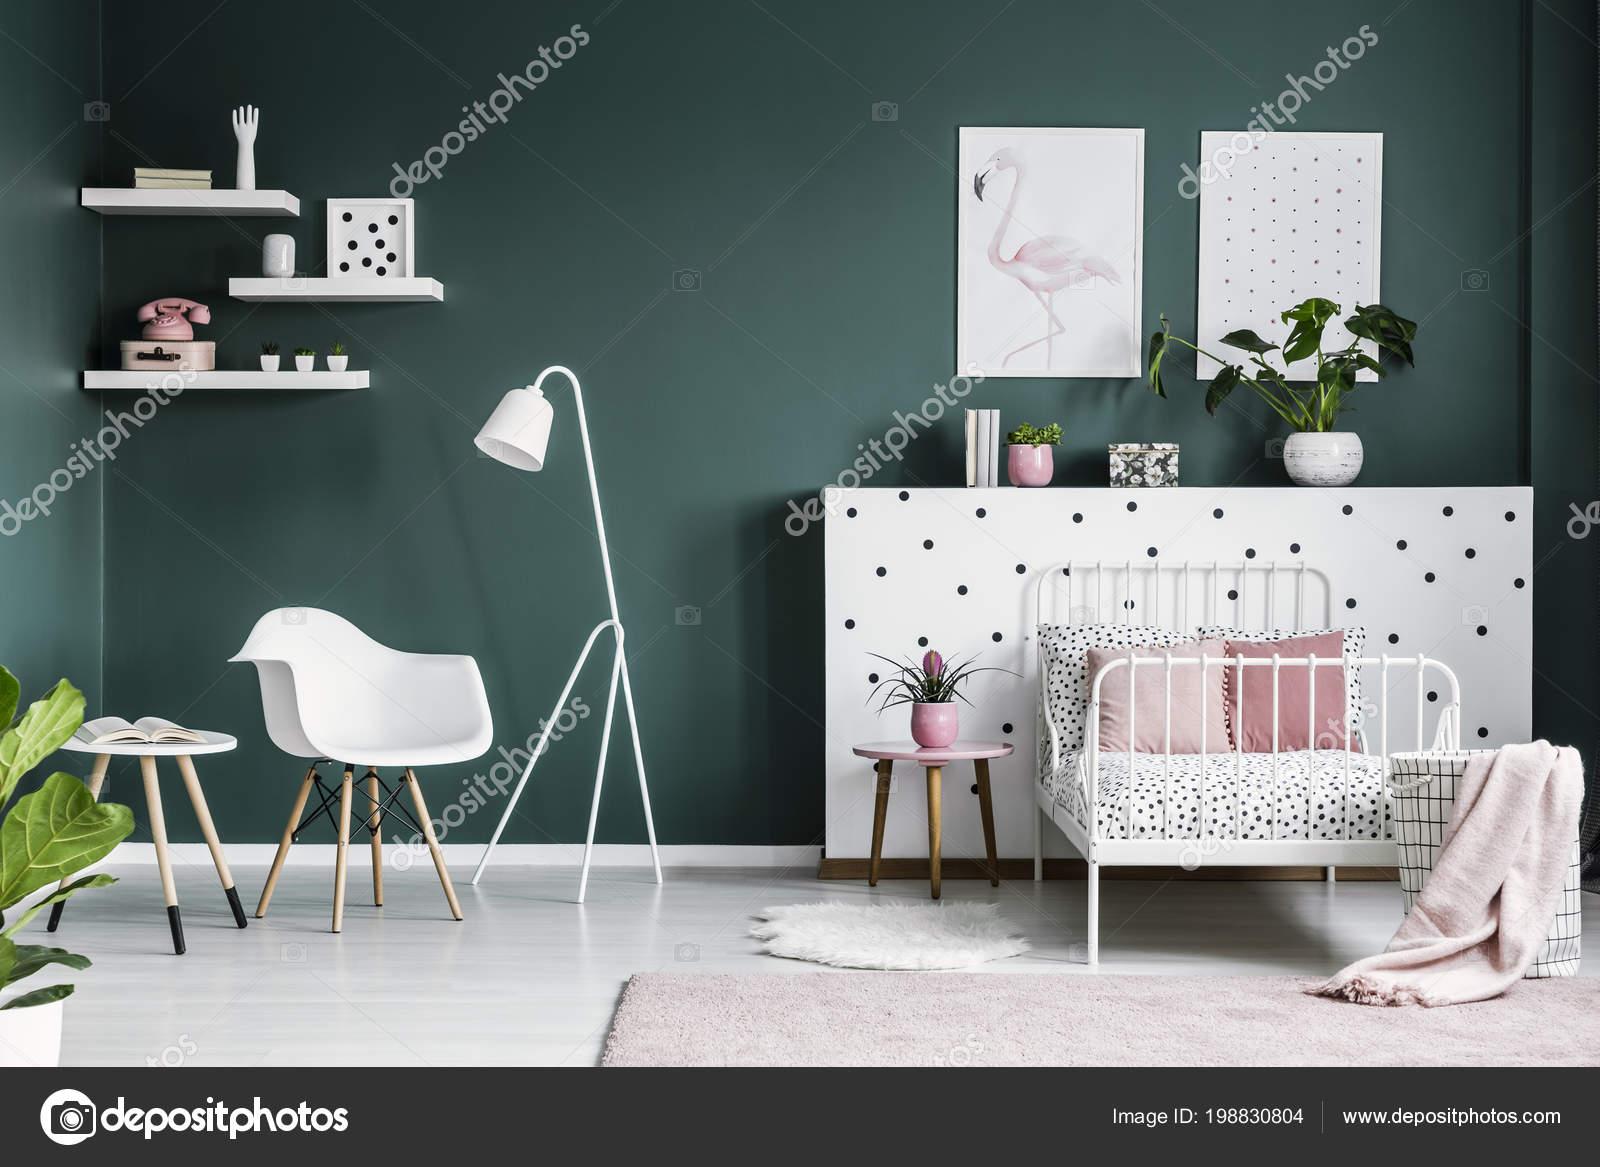 Lampada bianca accanto una poltrona interno camera letto della